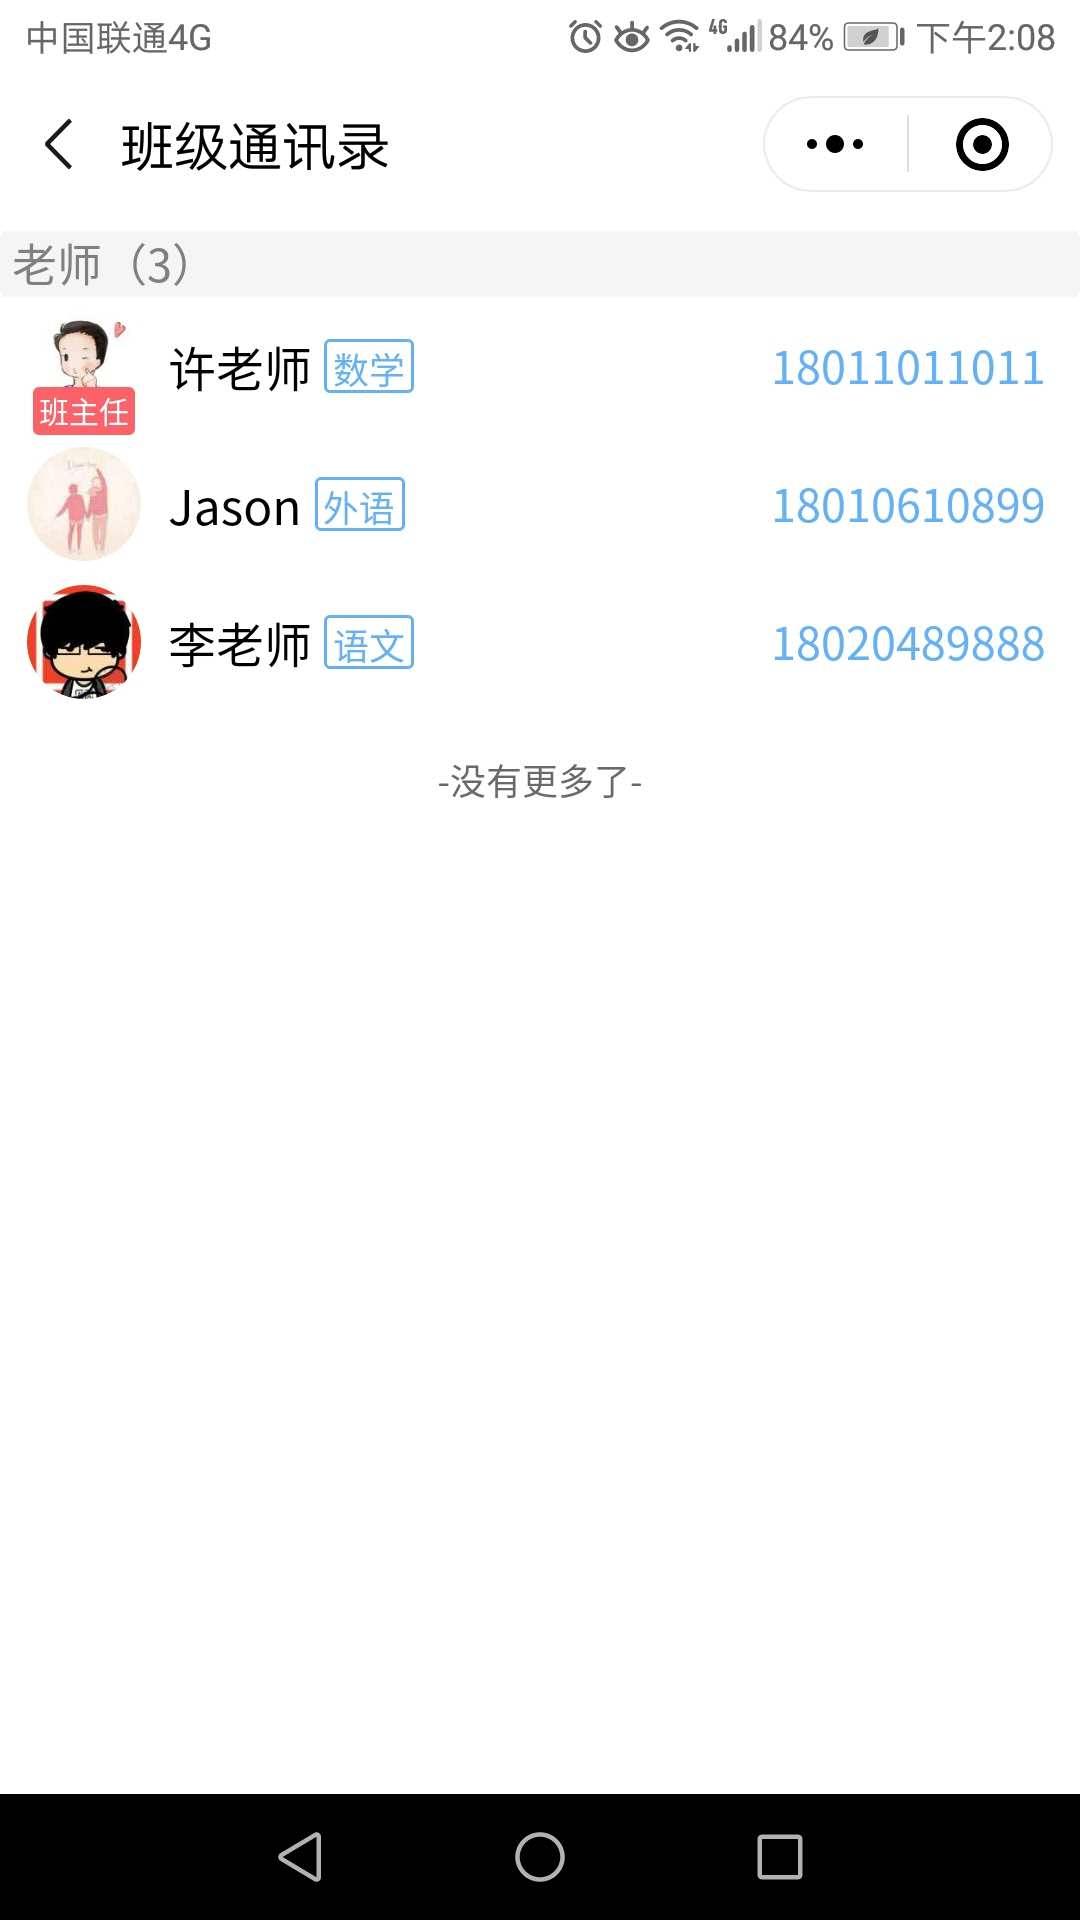 20776466844979839.jpg